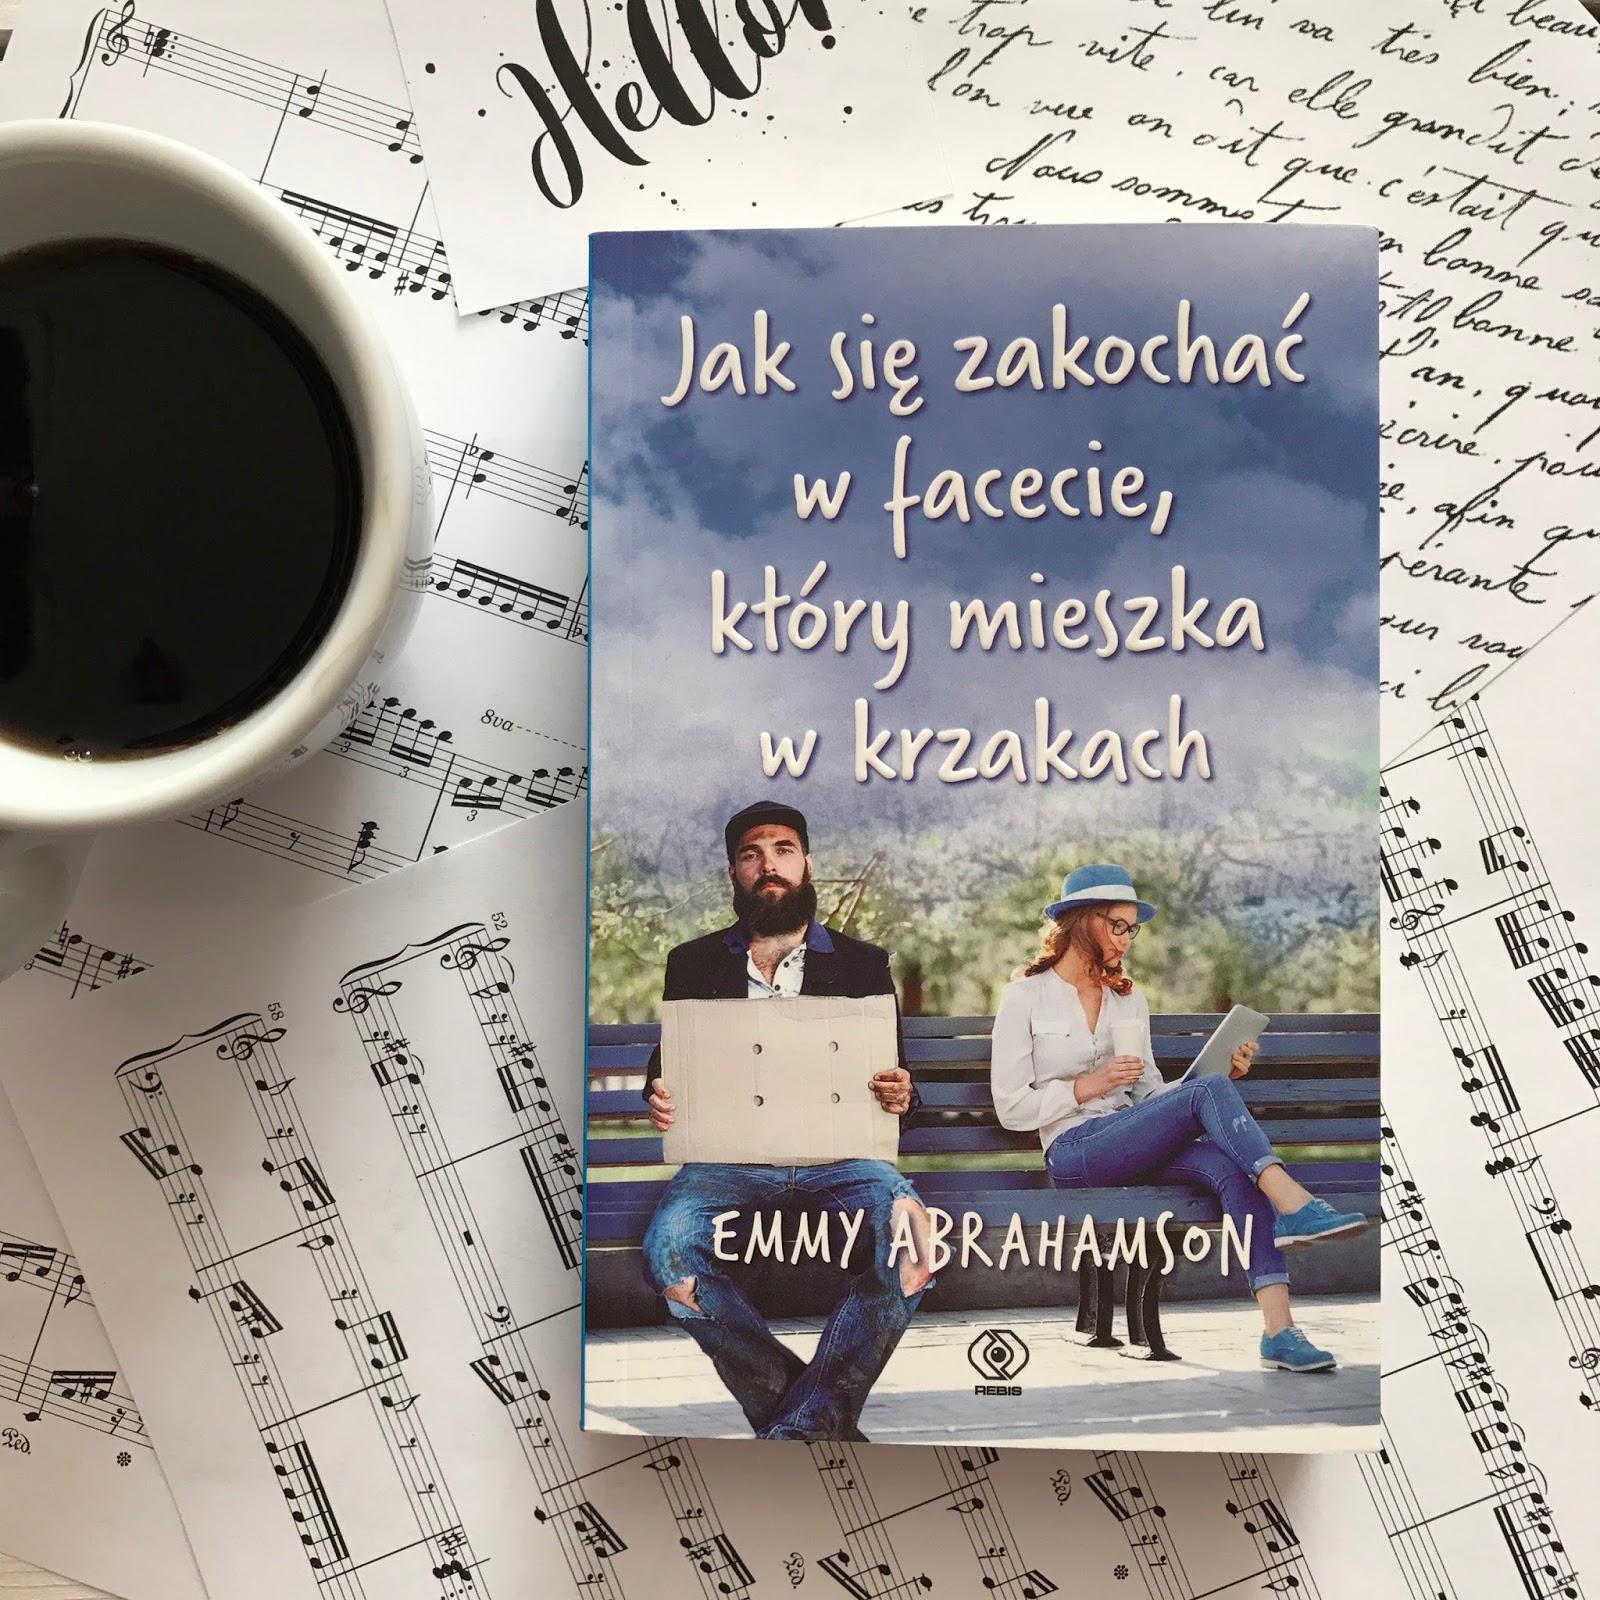 Emmy Abrahamson, Jak się zakochać w facecie, który mieszka w krzakach